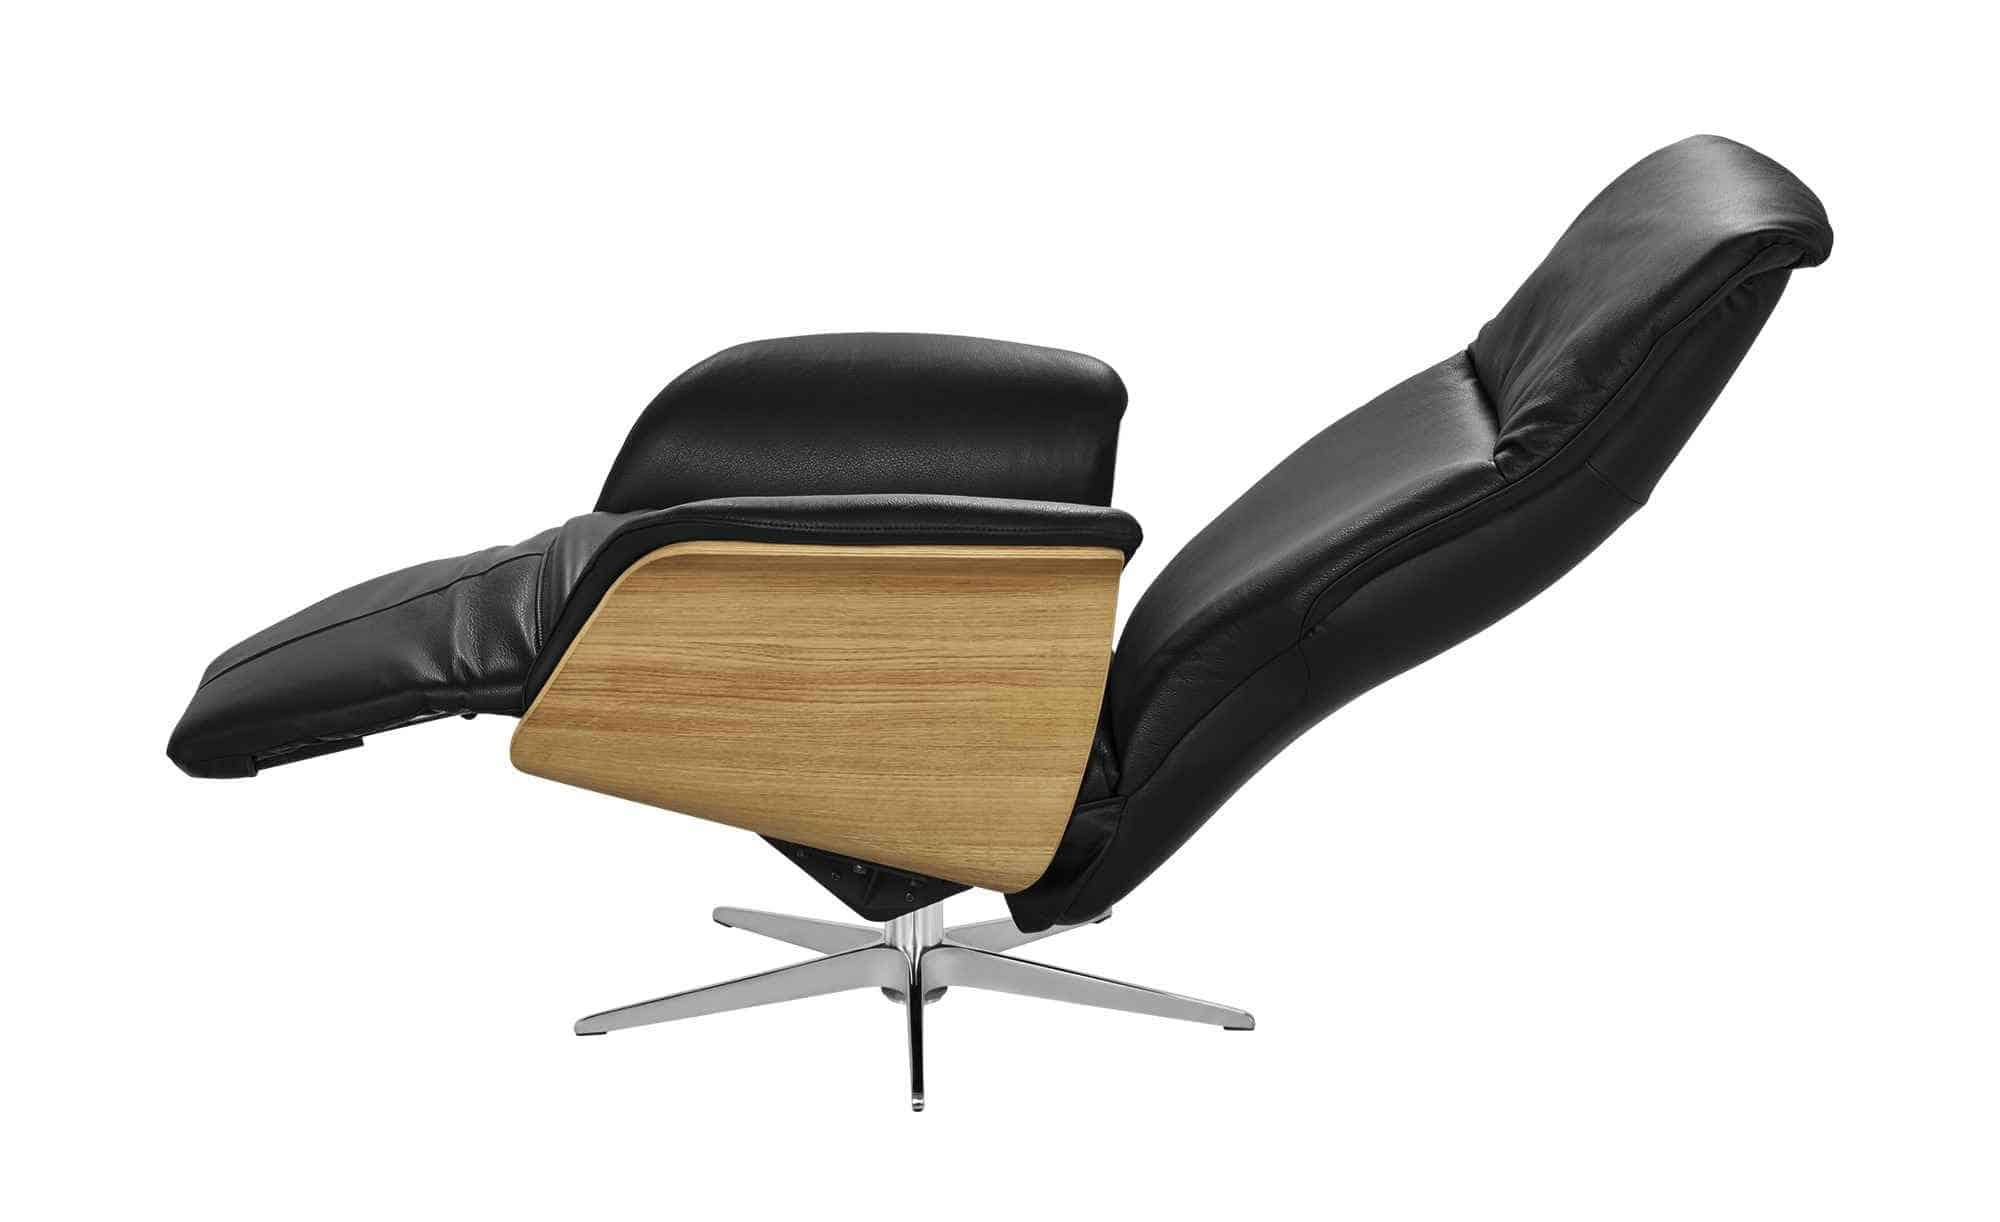 Relaxstoel zowel goedkope als moderne aanbiedingen flakko